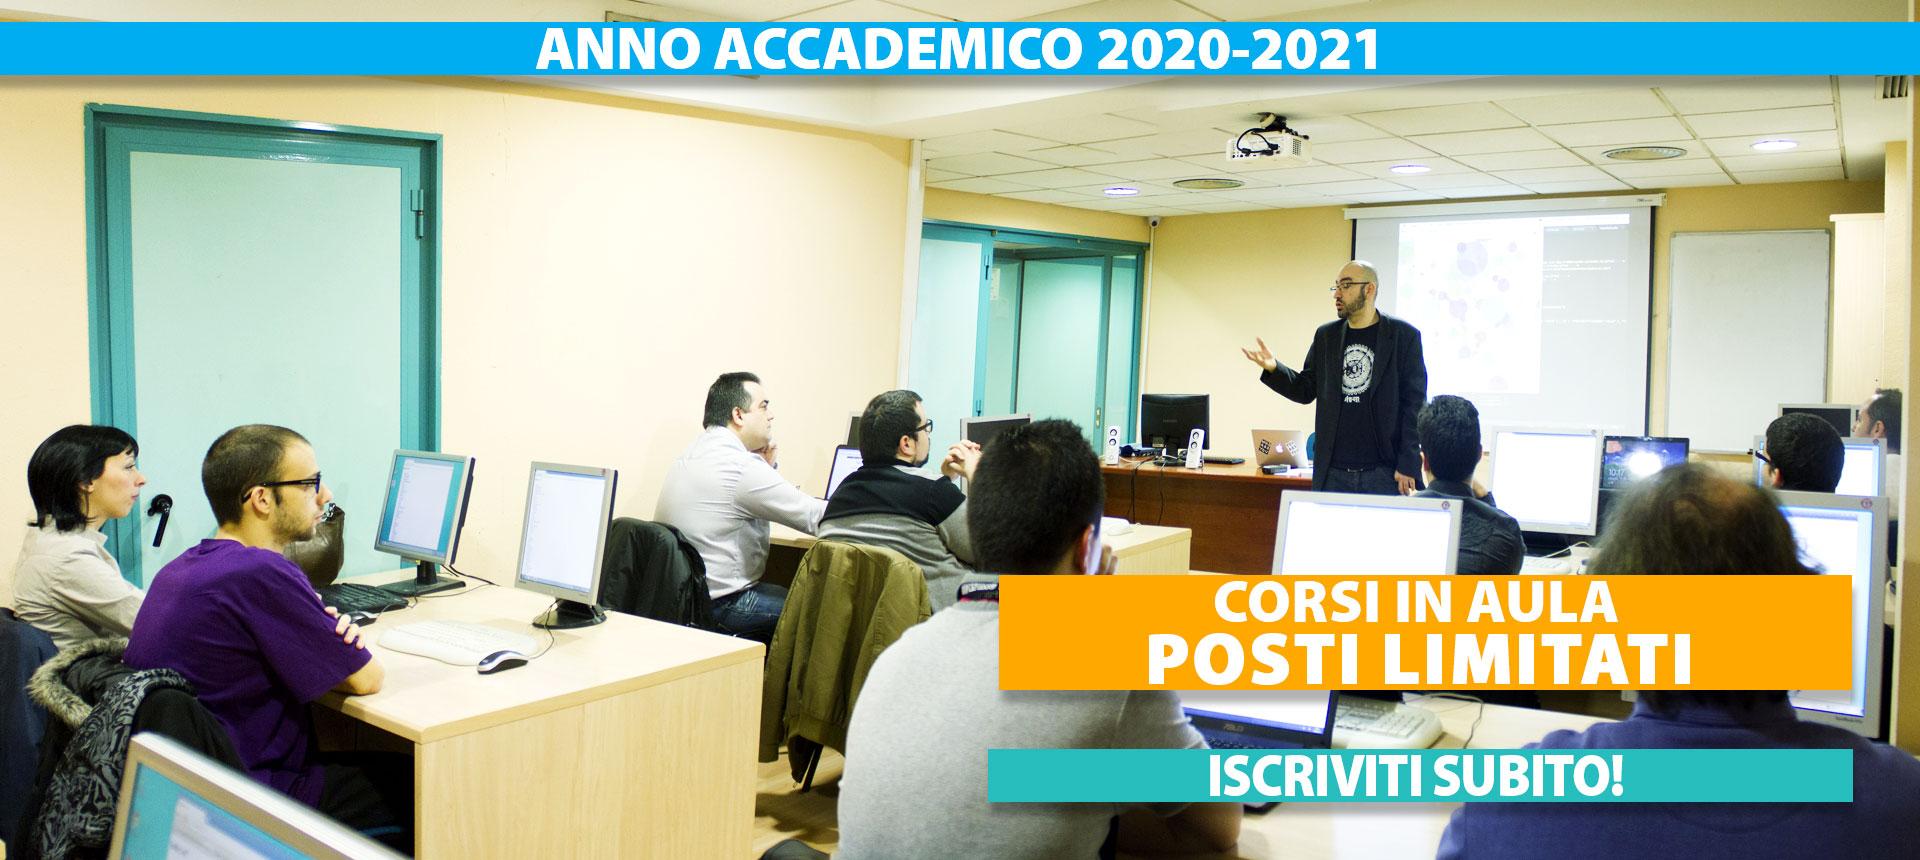 corsi in aula anno accademico 2020-2021